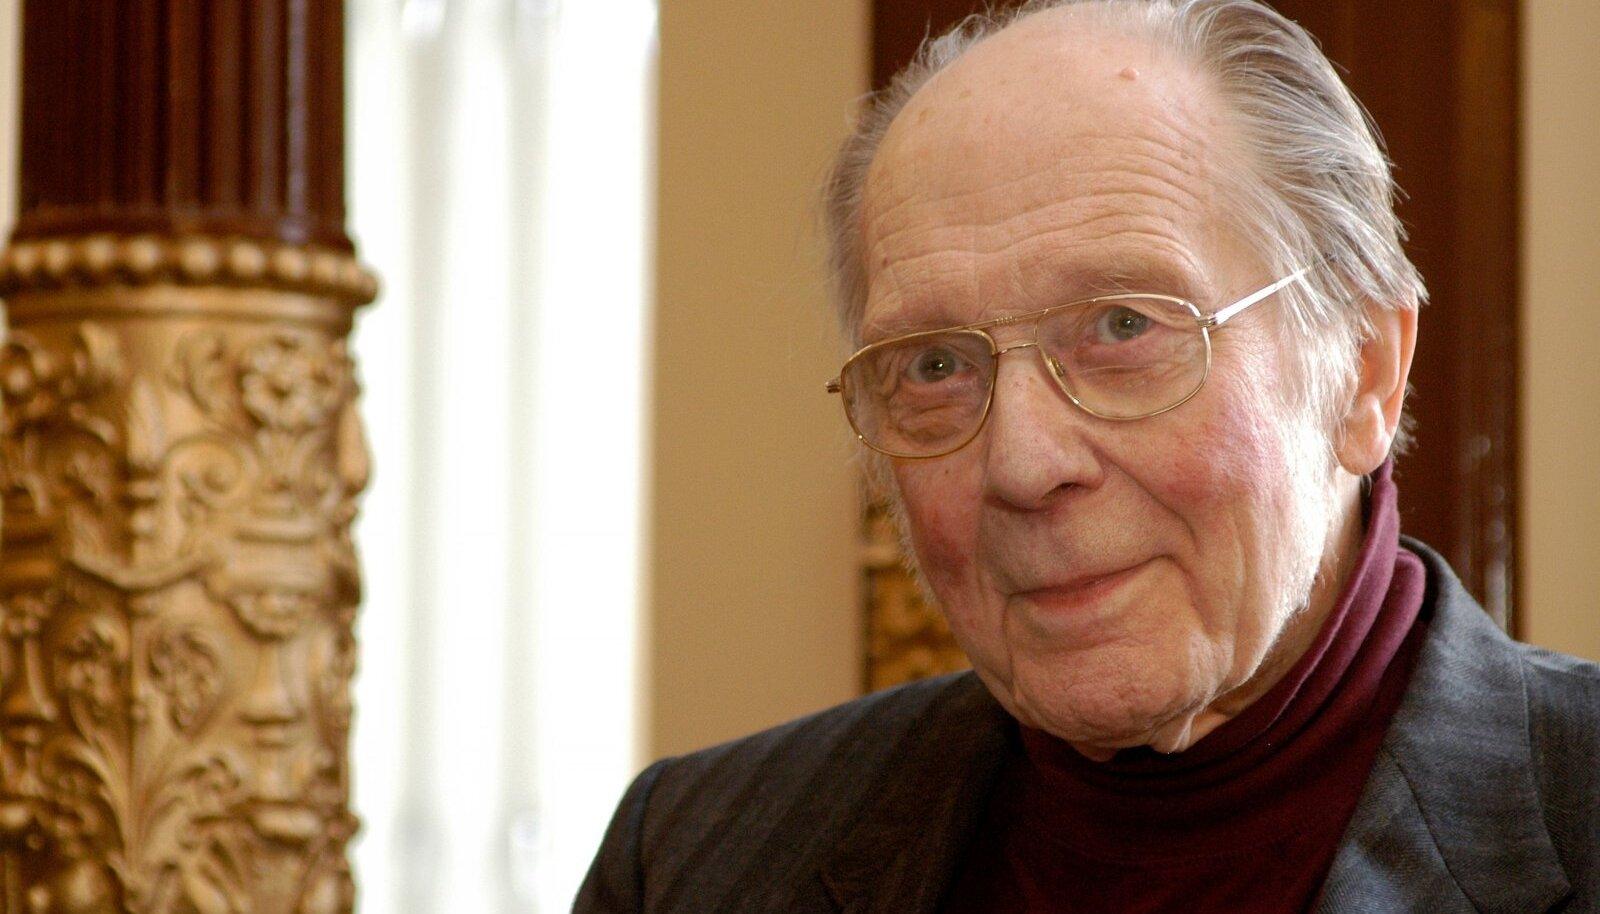 """""""""""Tiit Pagu"""" on tõend sellest, et Krossist sai kirjanik juba Siberis, mitte alles 1950. aastate teisel poolel Eestis, nagu kõneleb senine legend, mida ta ise on mahitanud,"""" ütleb Jaan Undusk."""